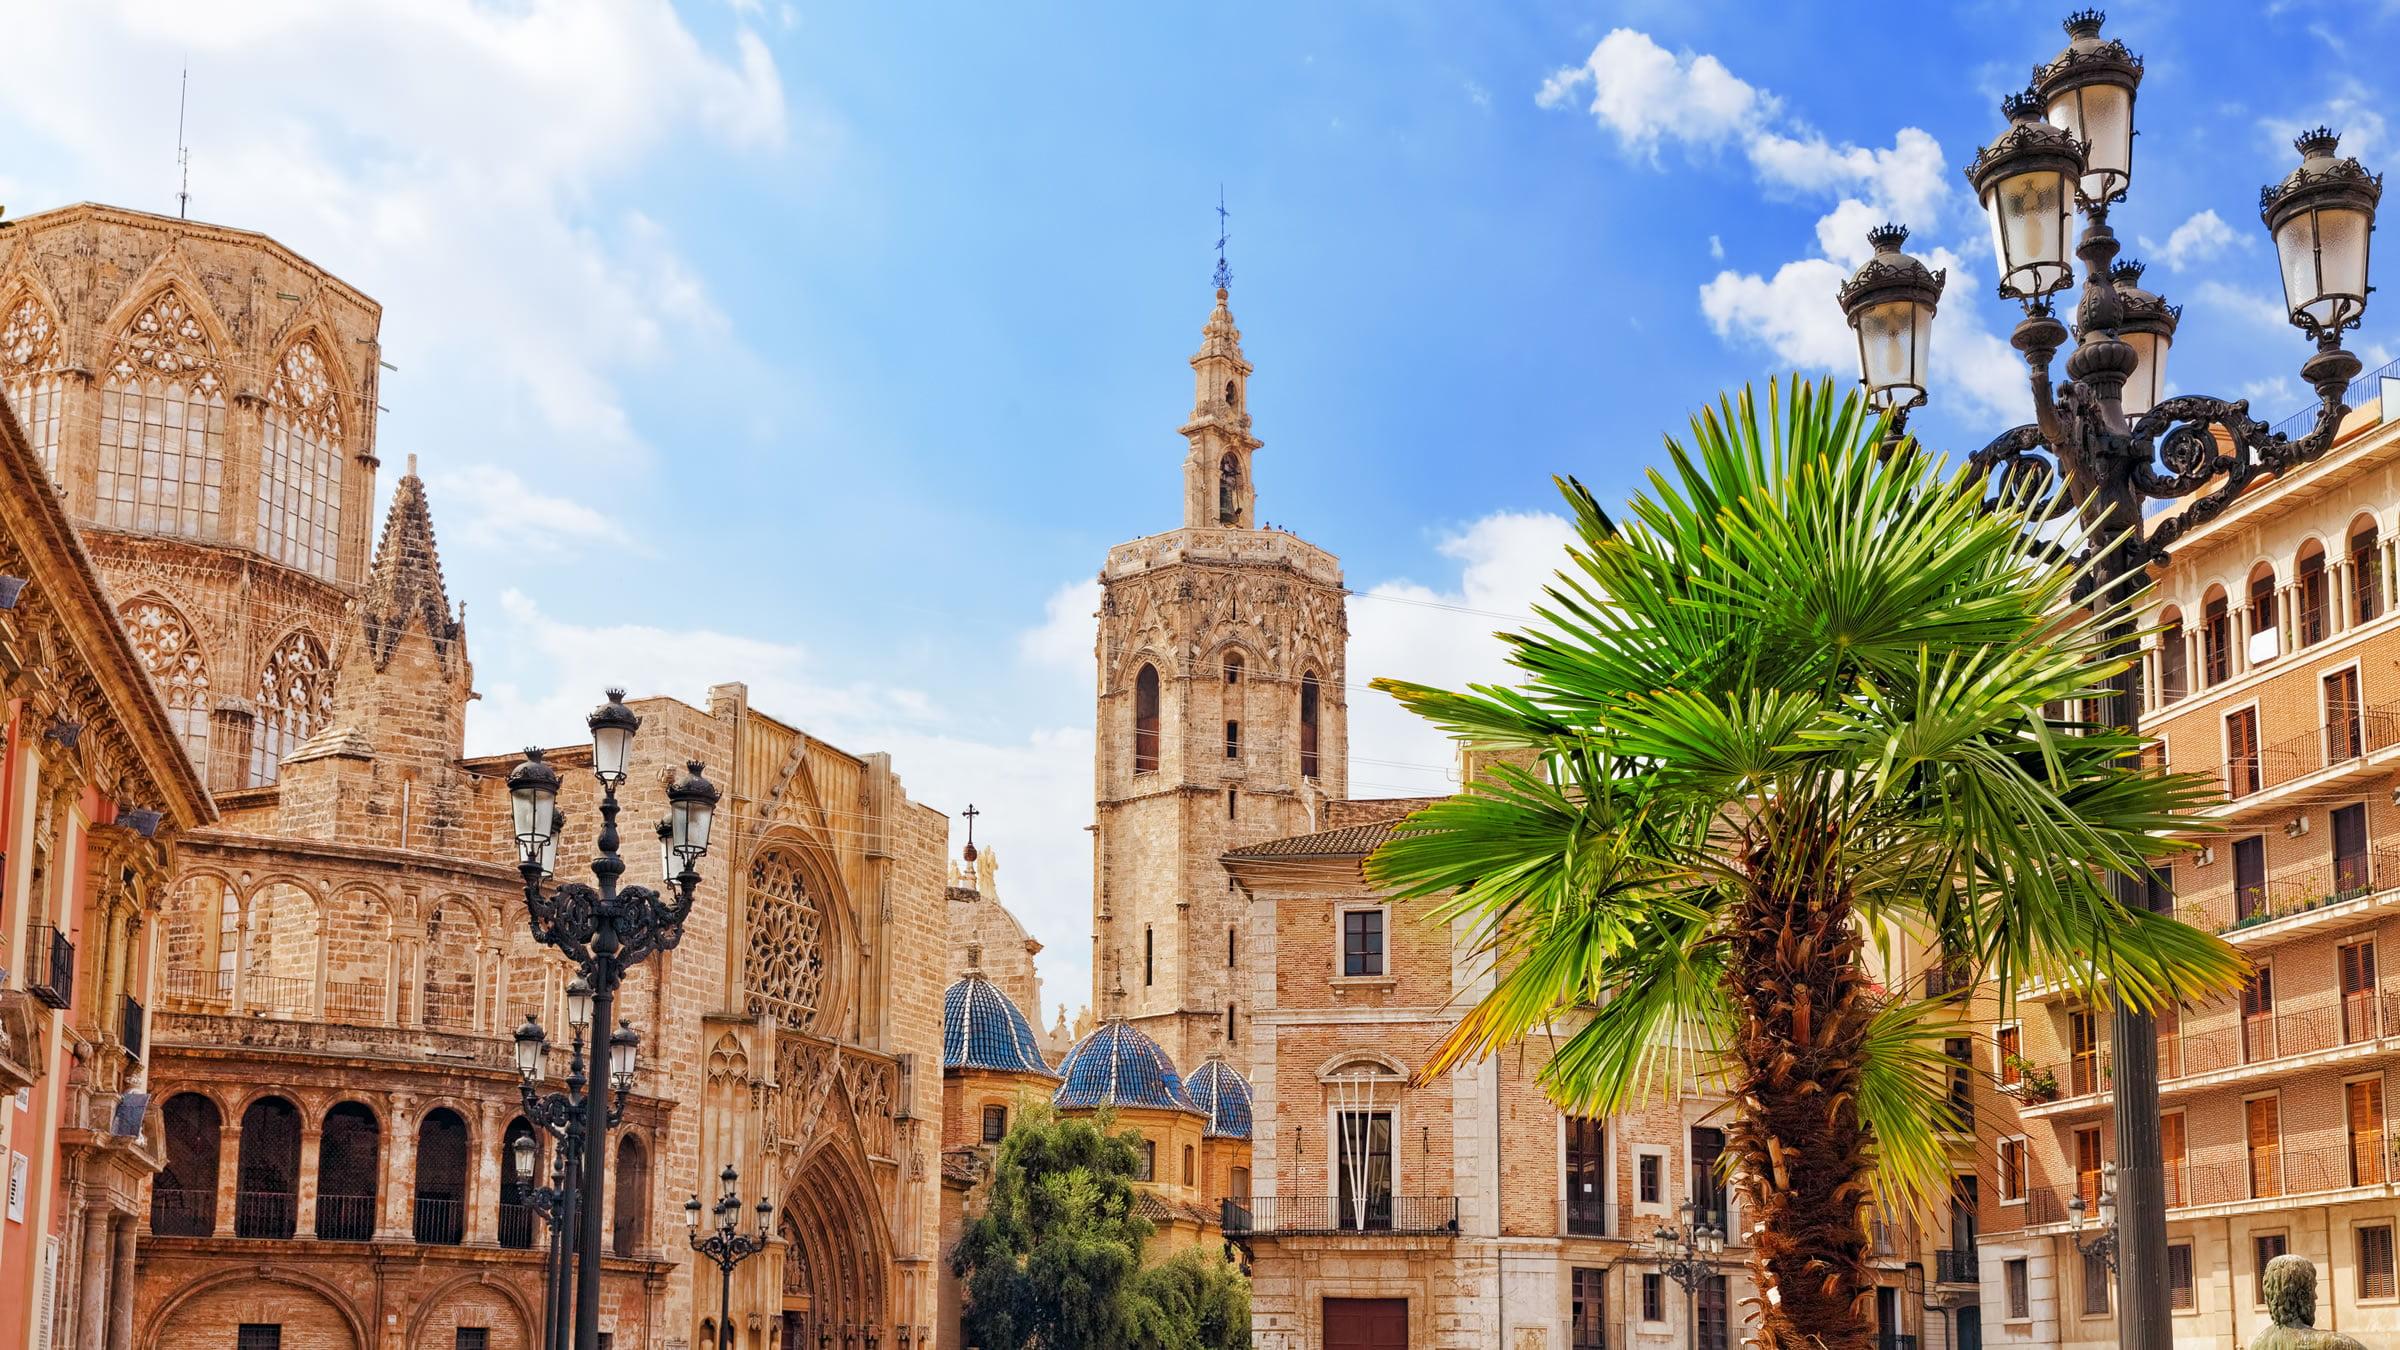 La catedral y el miguelete de valencia for Ciudades mas turisticas de espana